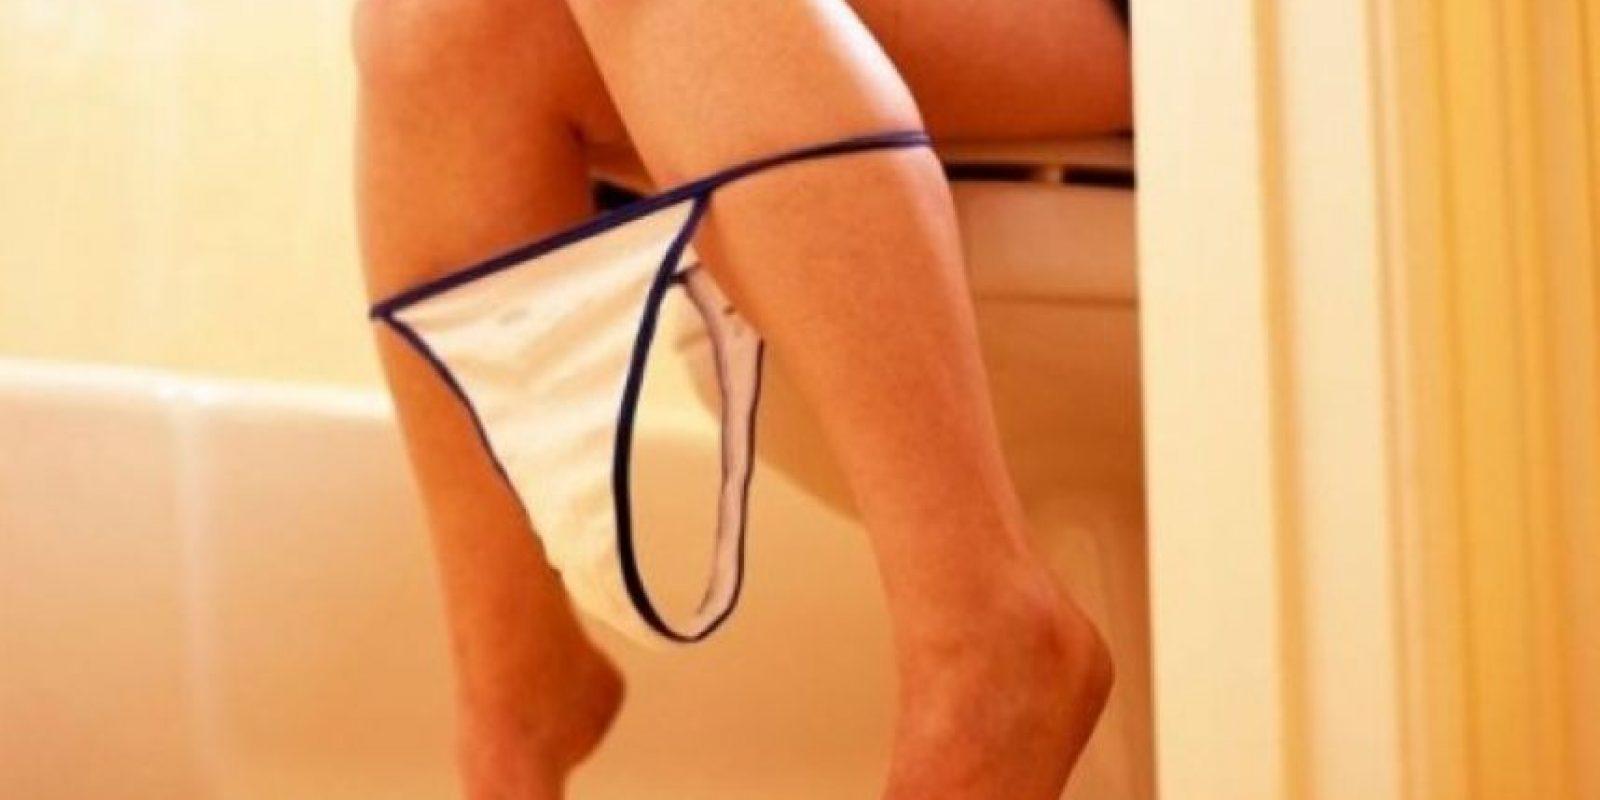 Los científicos incluso han vuelto a crecer músculos de las piernas humanas utilizando implantes de tejido de la vejiga de cerdo. Foto:Tumblr.com/Tagged-mujer-vagina